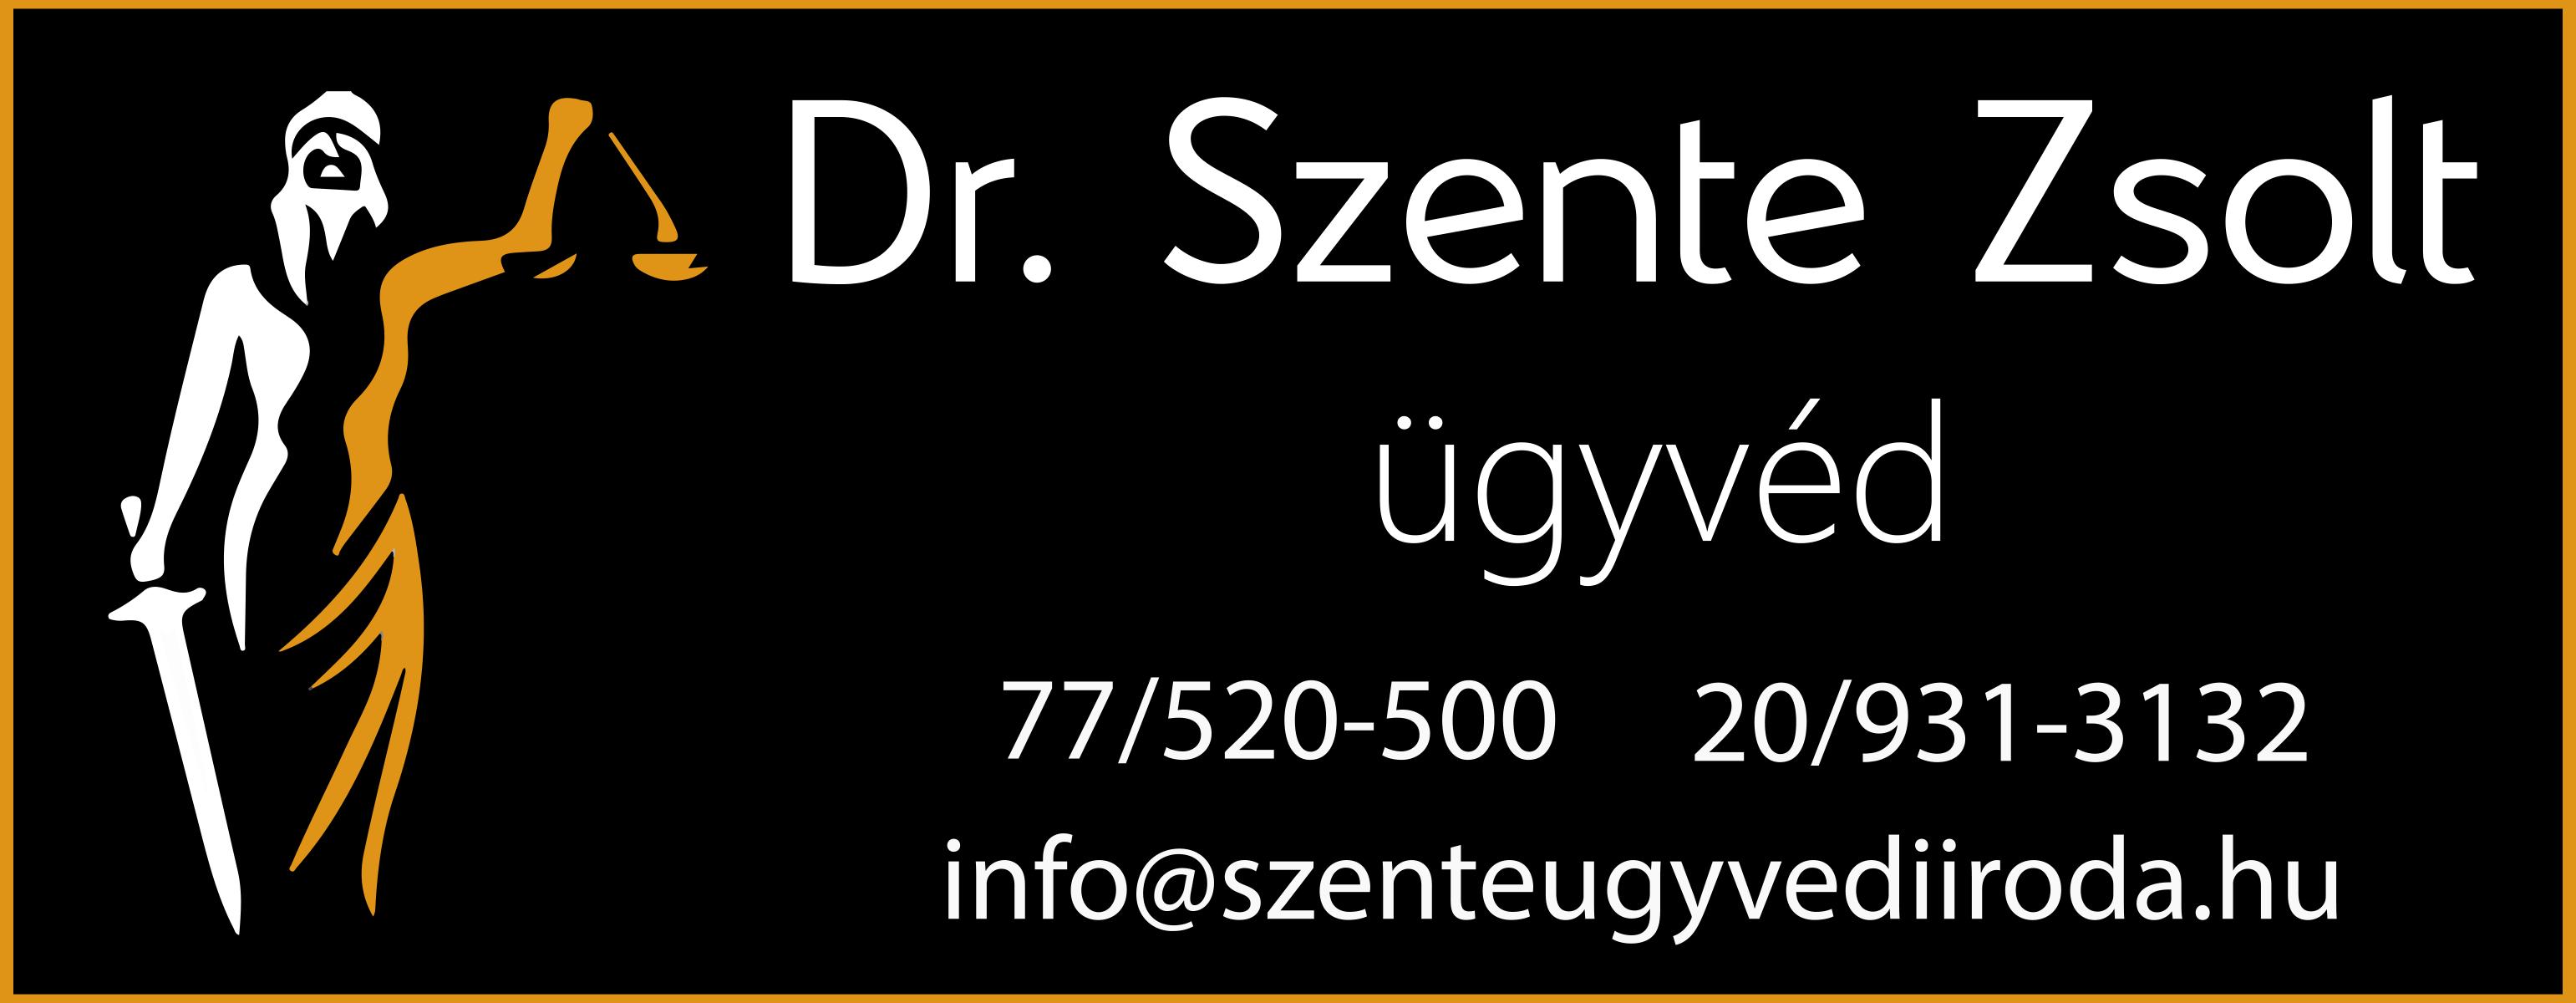 Dr. Szente Zsolt